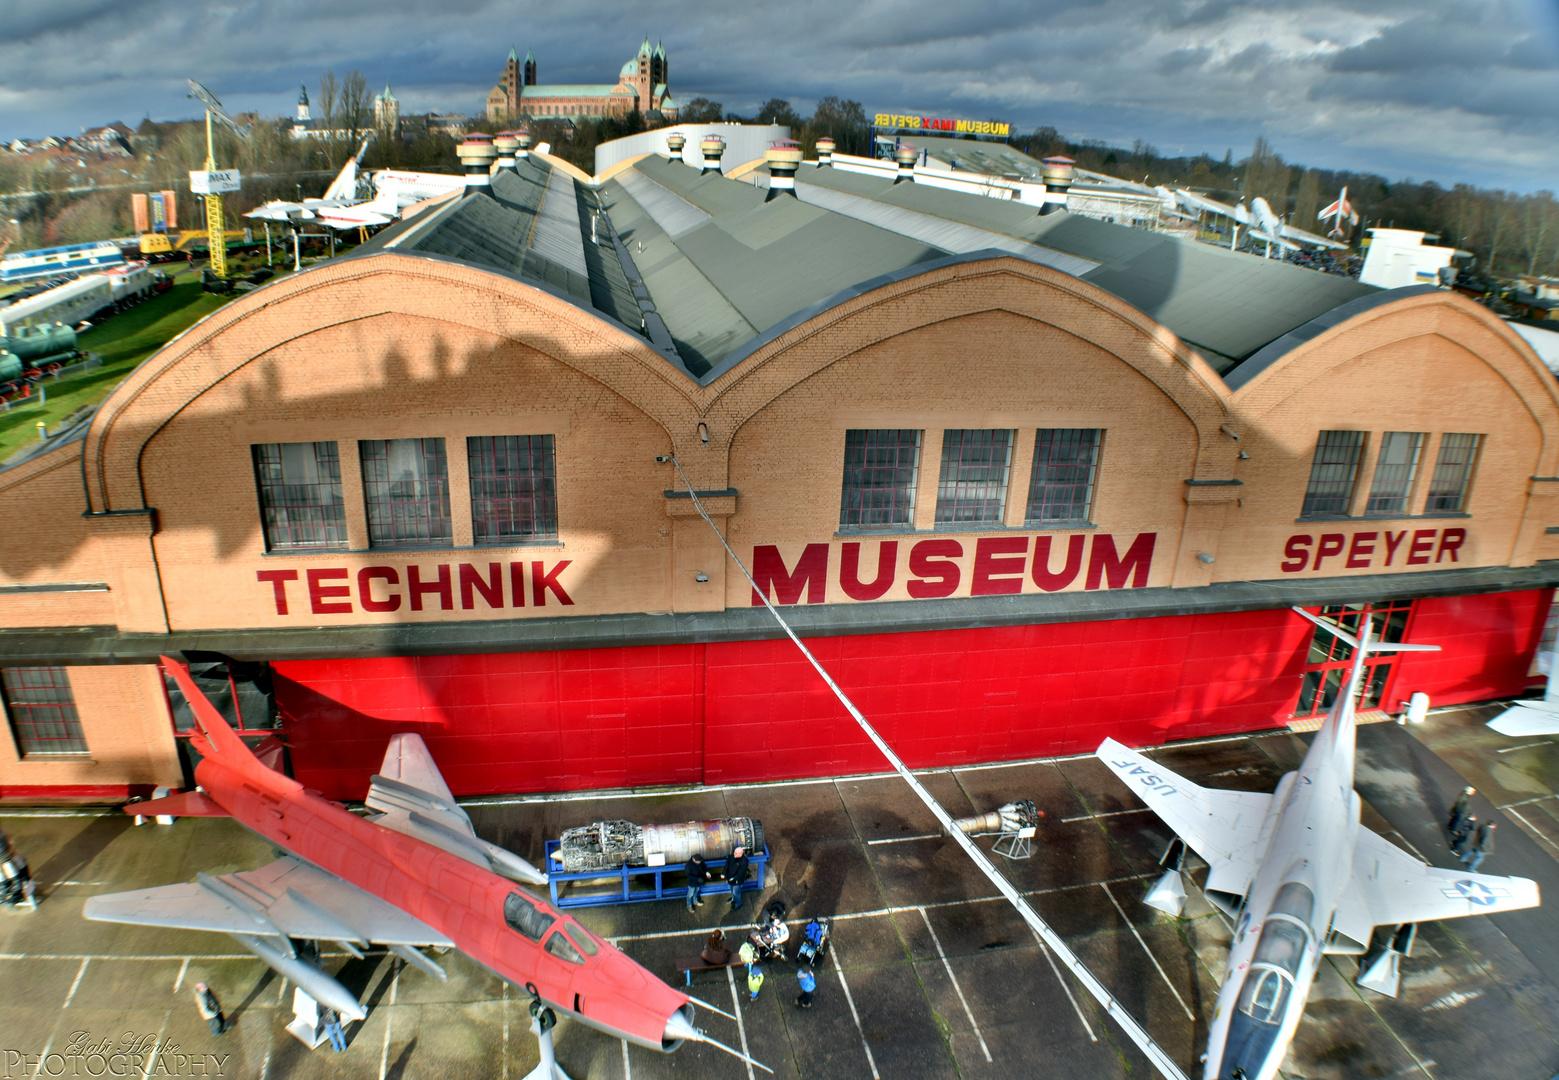 technikmuseum speyer foto bild luftfahrt verkehr fahrzeuge technik museum speyer bilder. Black Bedroom Furniture Sets. Home Design Ideas